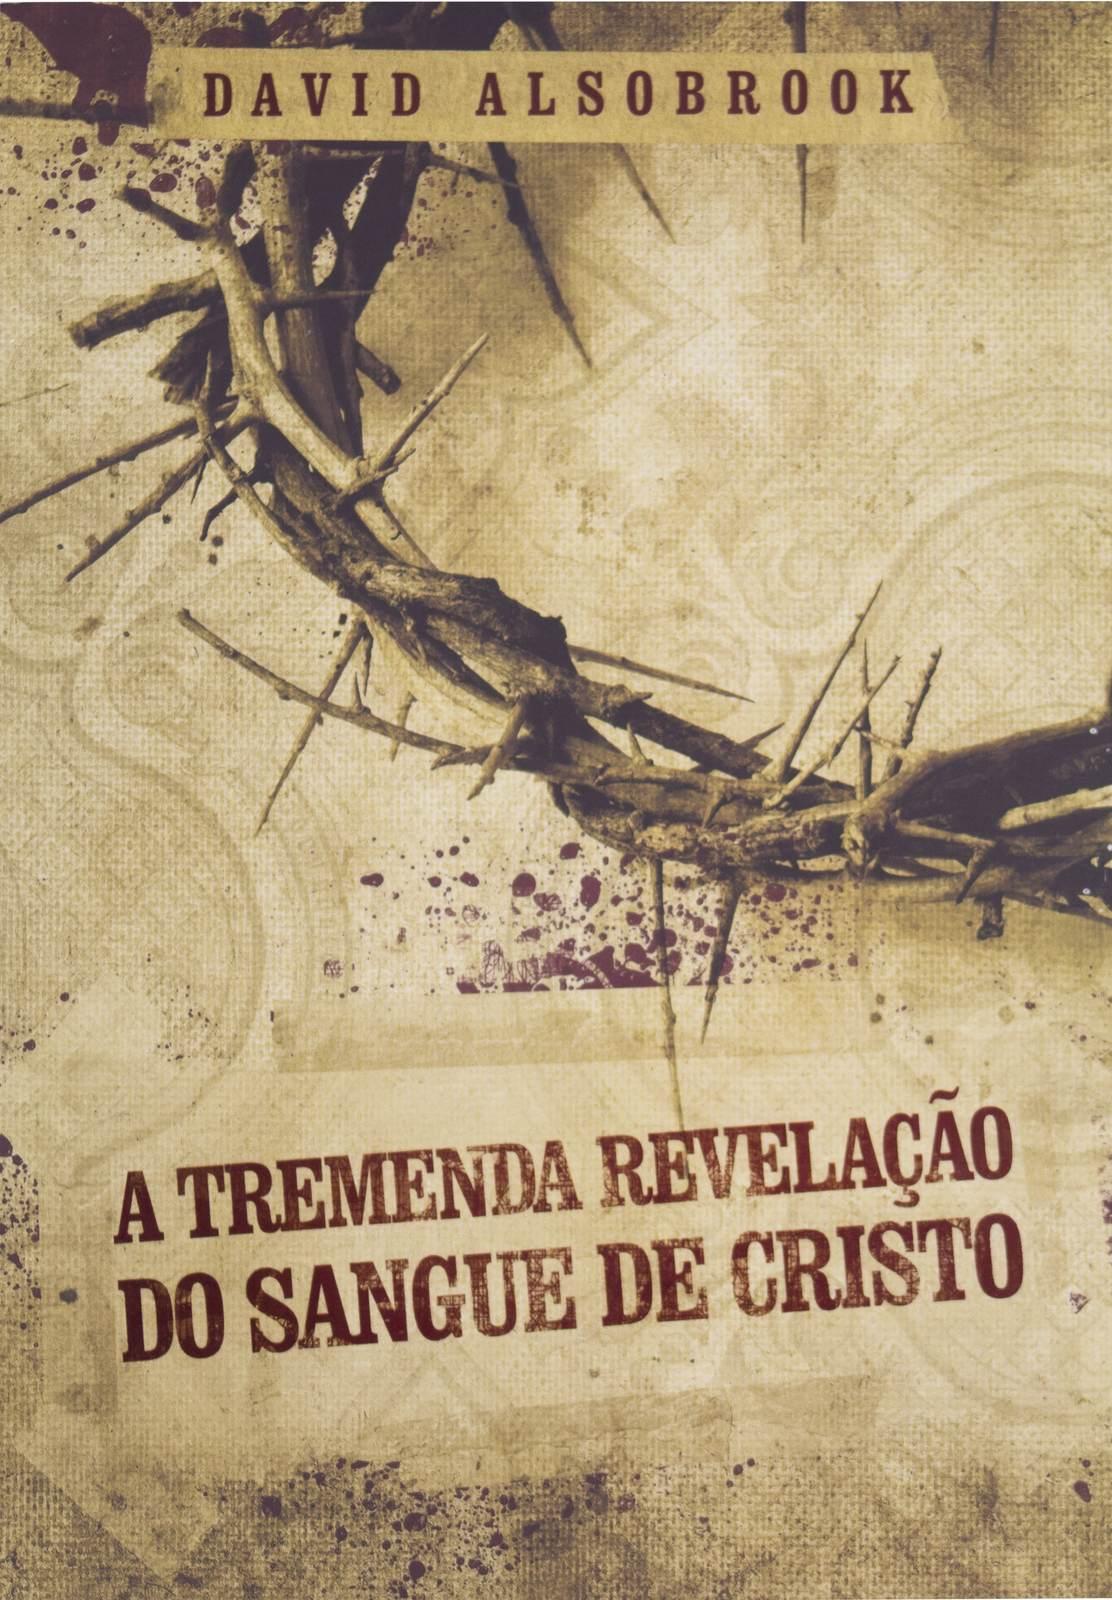 A TREMENDA REVELAÇÃO DO SANGUE DE CRISTO